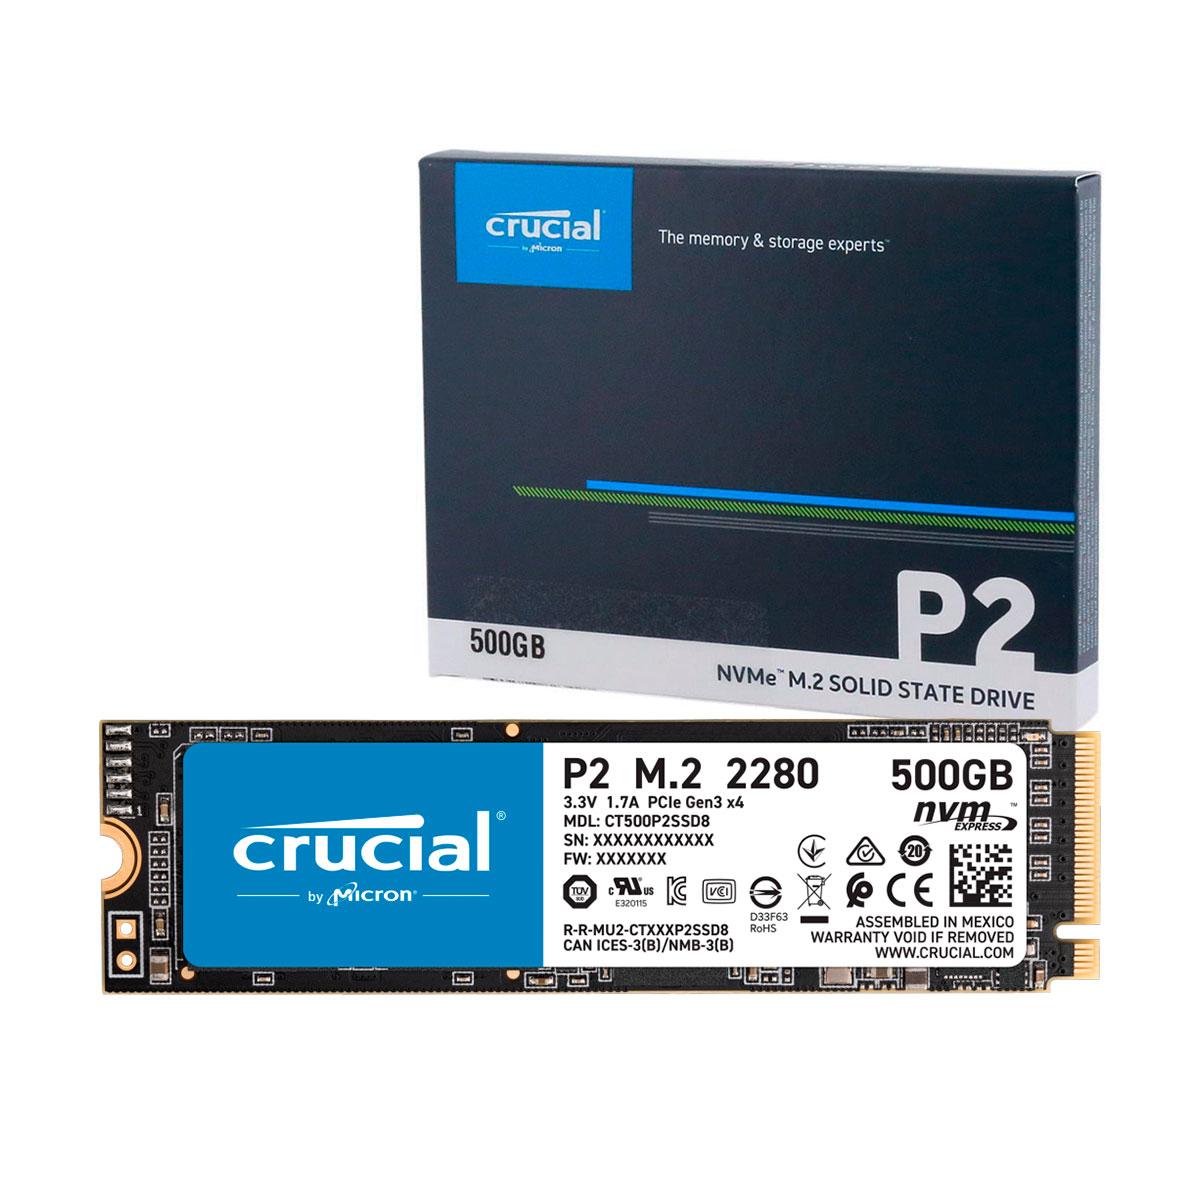 HD SSD 500GB Crucial P2, M.2 2280 NVMe, Leitura 2300 MB/s, Gravação 940 MB/s - CT500P2SSD8